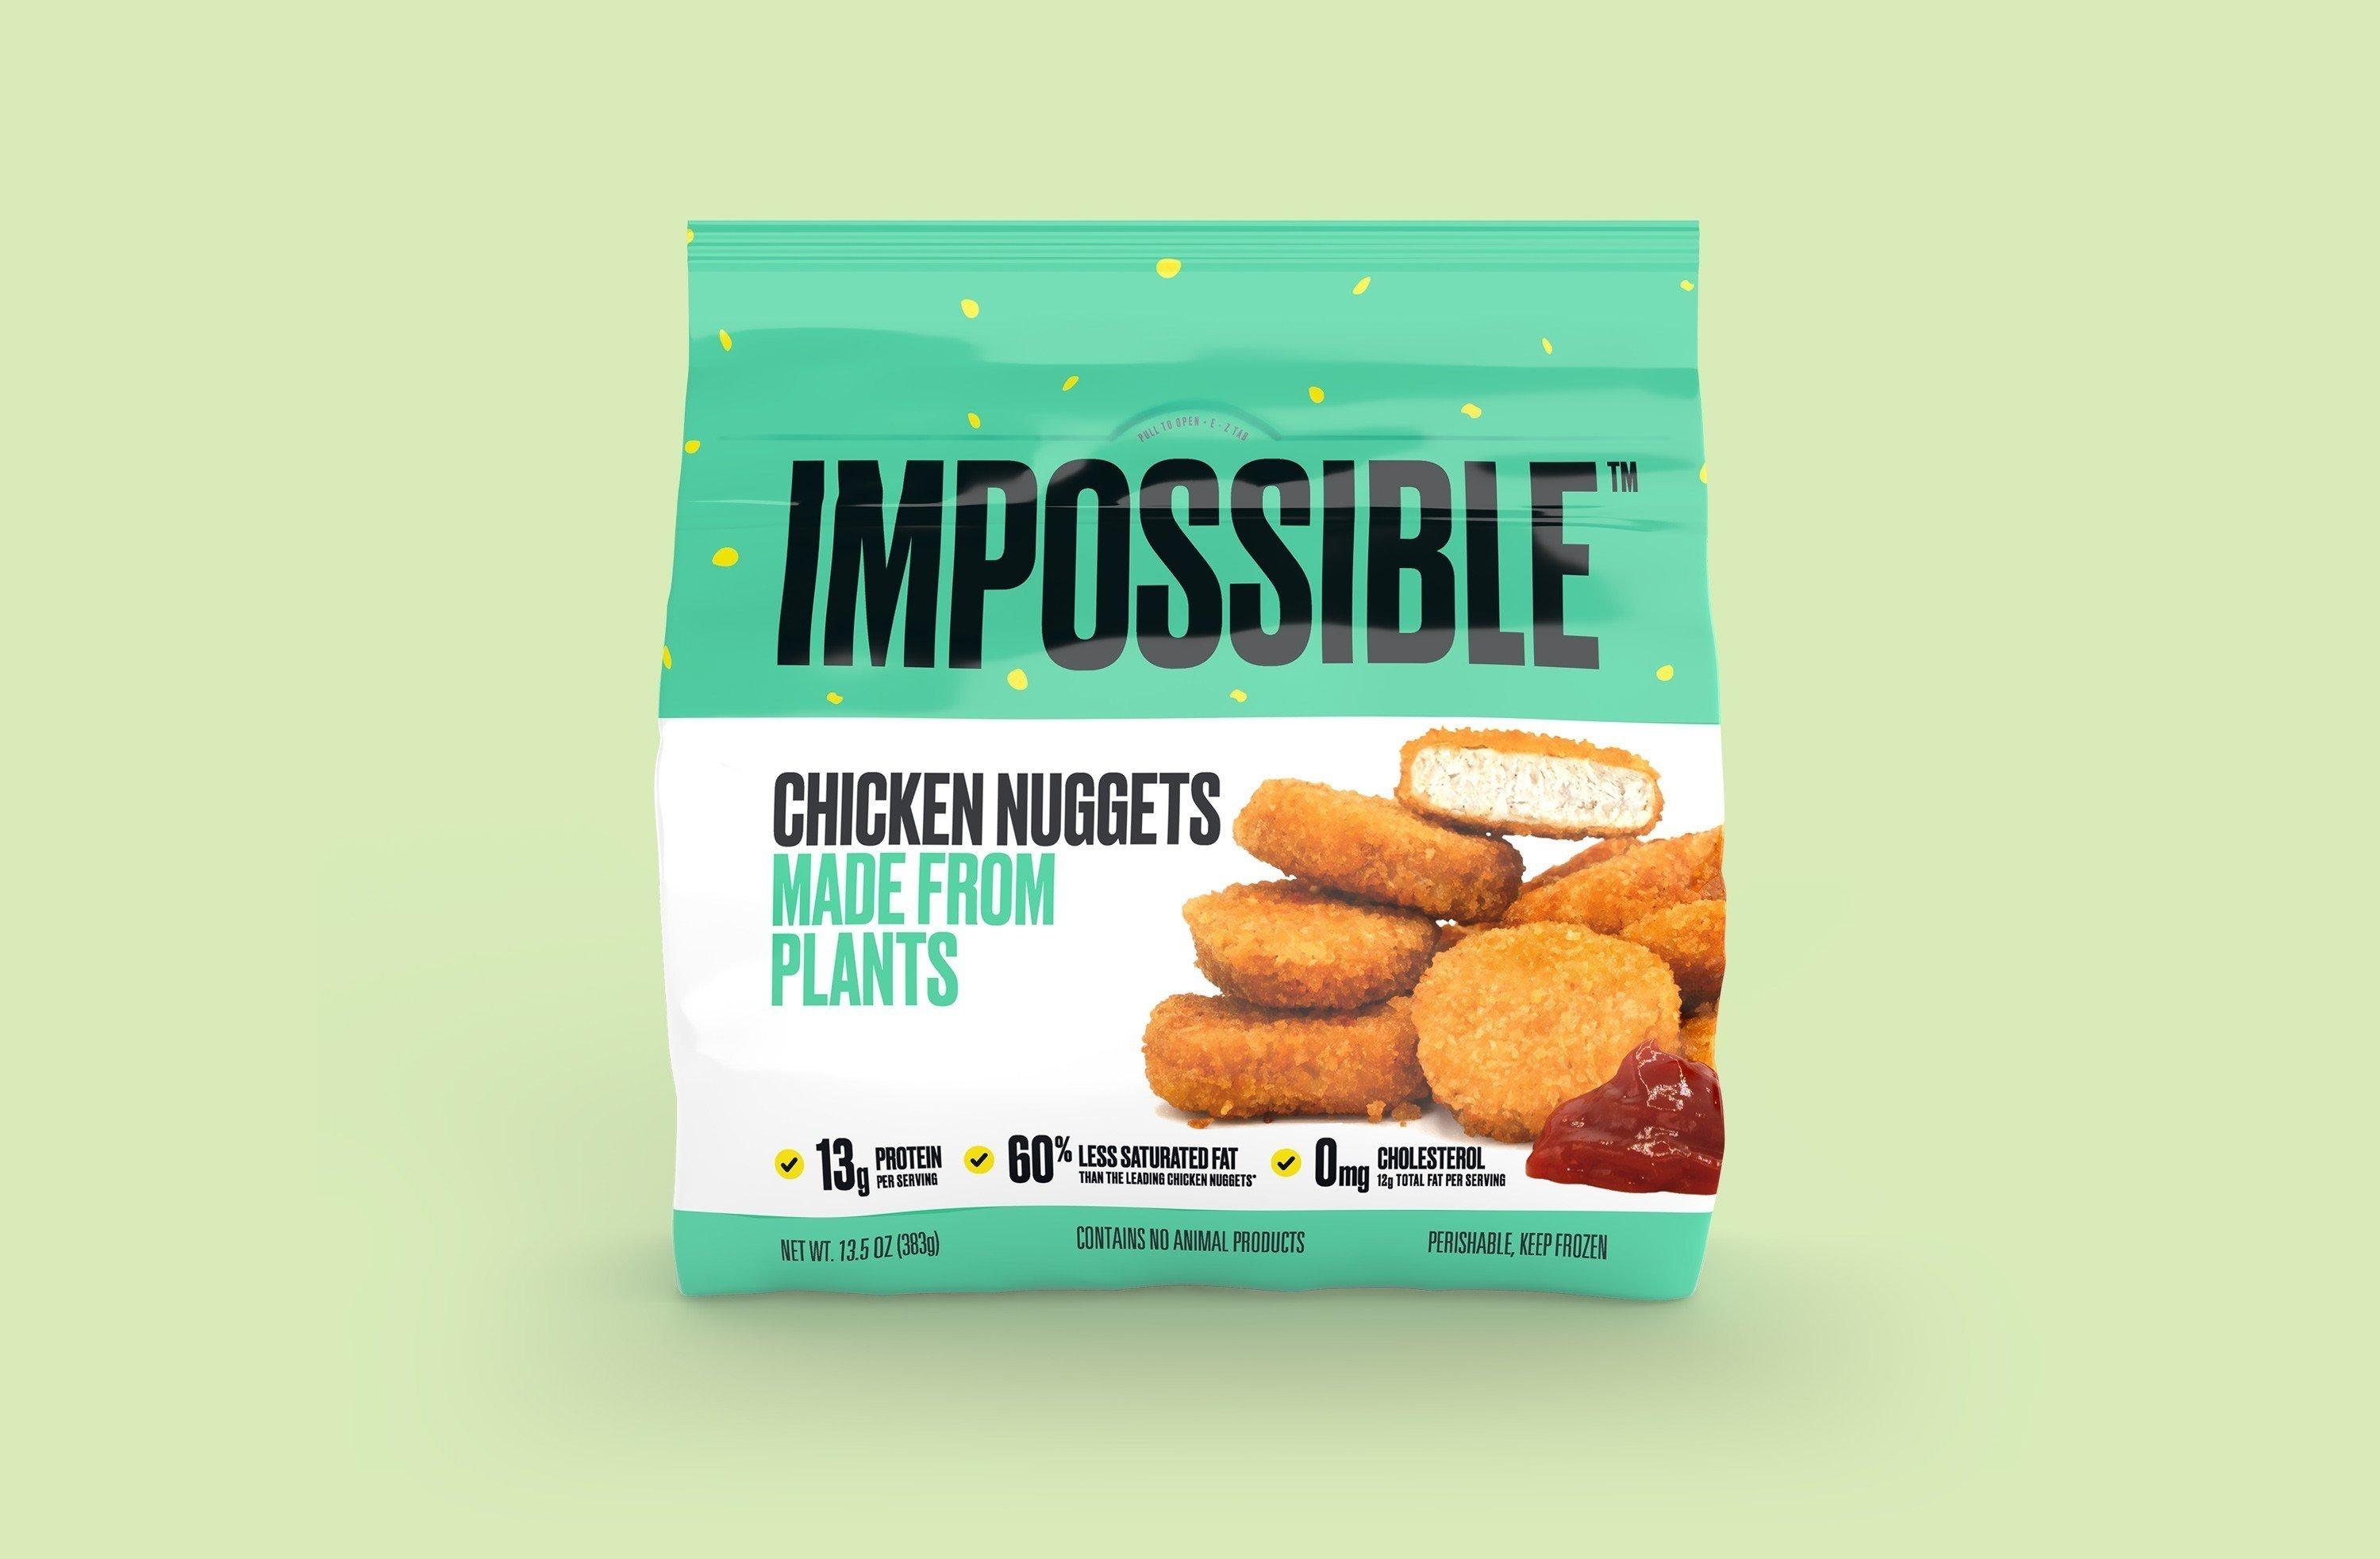 VegNews.ImpossibleChickenNuggetsRetail